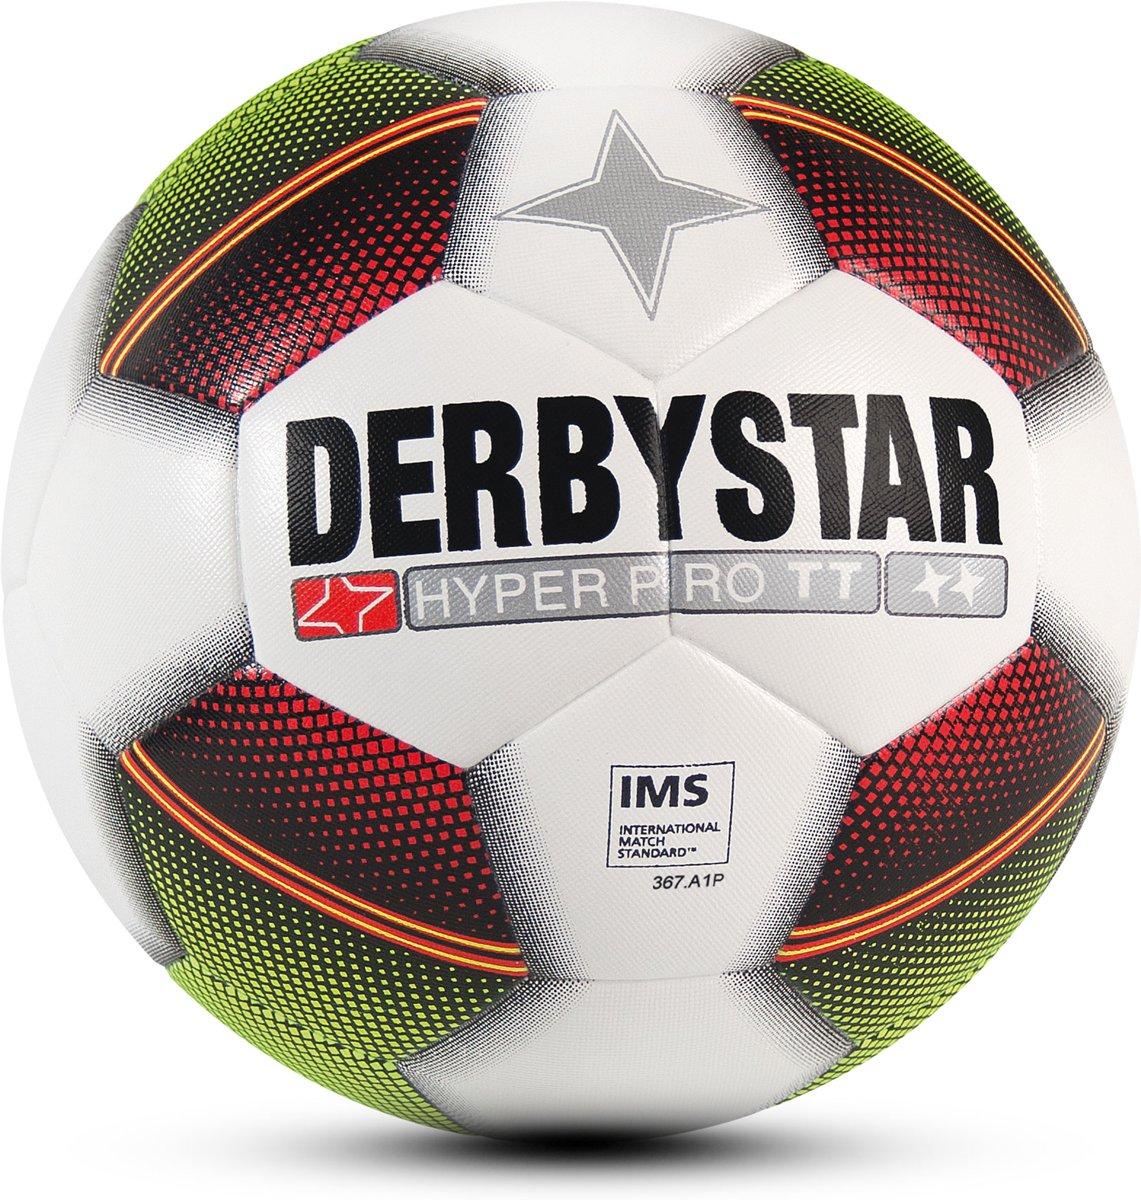 Derbystar VoetbalKinderen en volwassenen - wit/rood/geel